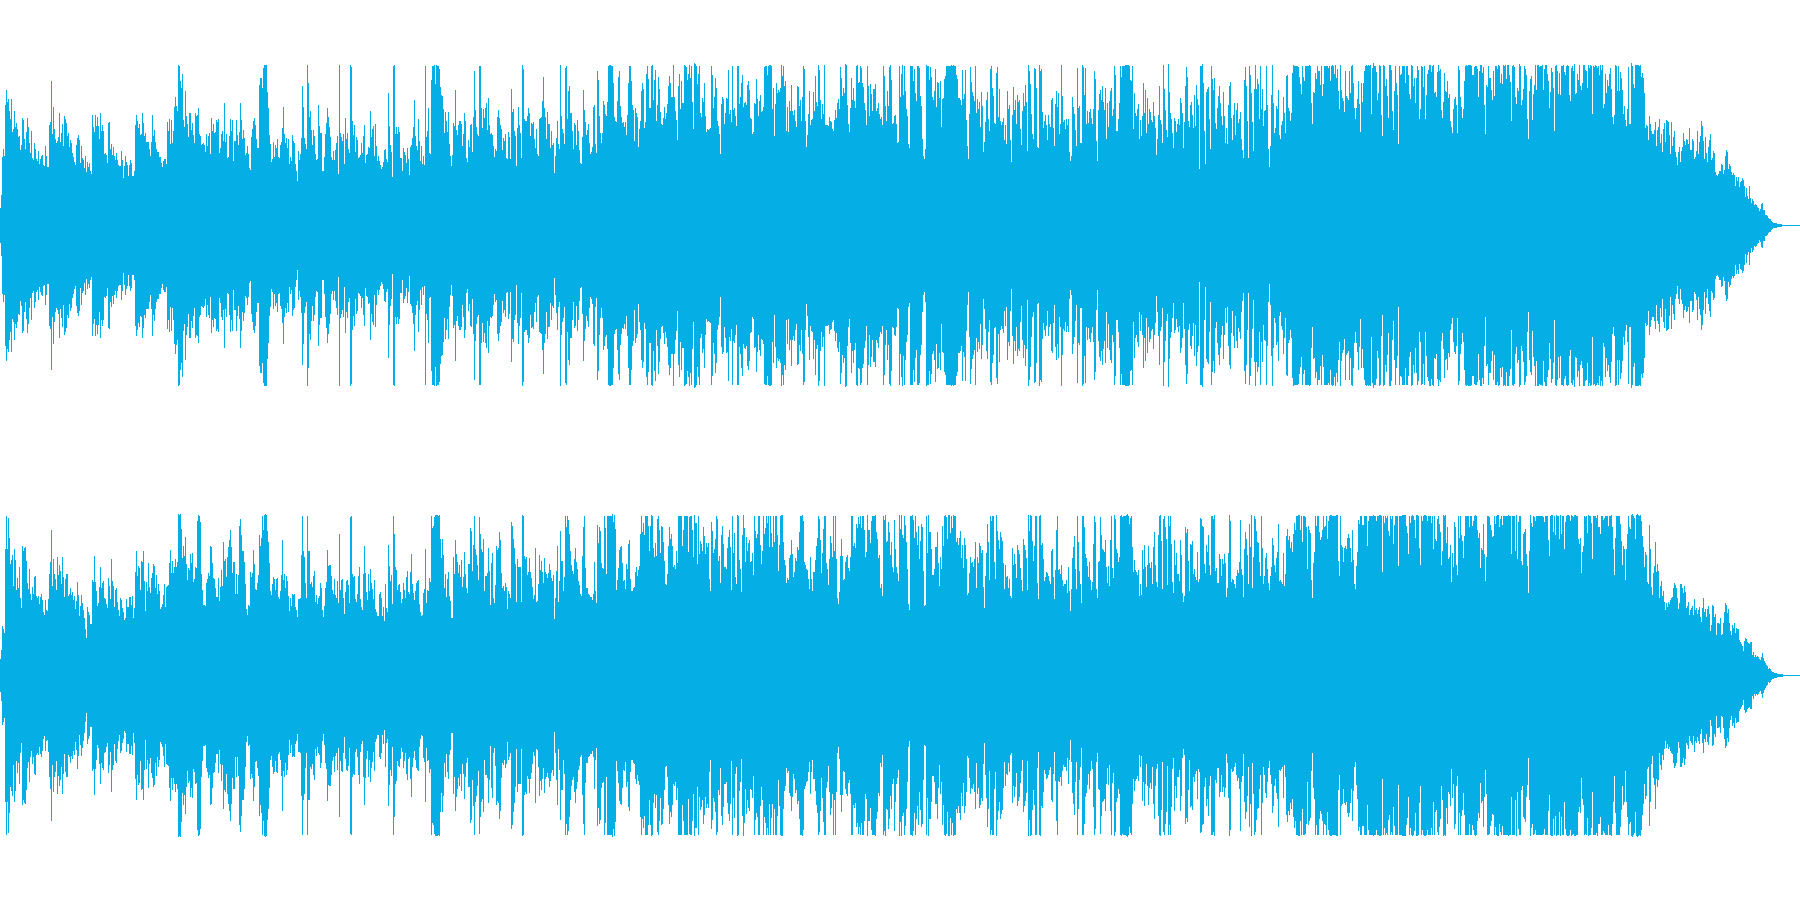 壮大なアドベンチャーソングの再生済みの波形